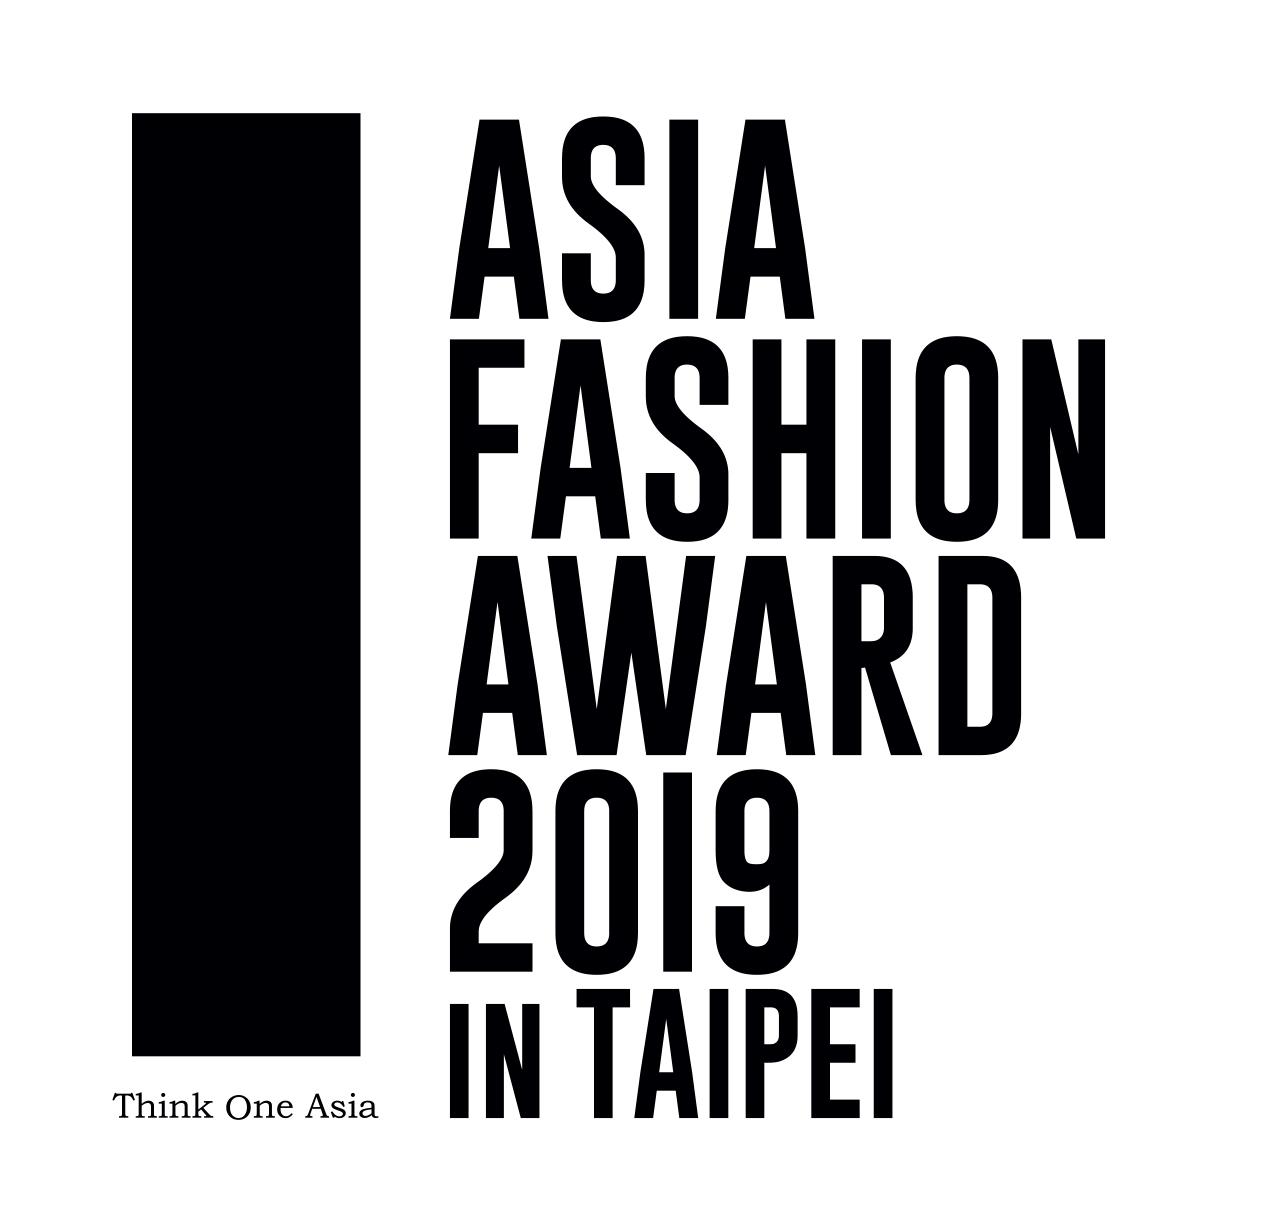 asia-fashion-award-2019-in-taipei-2